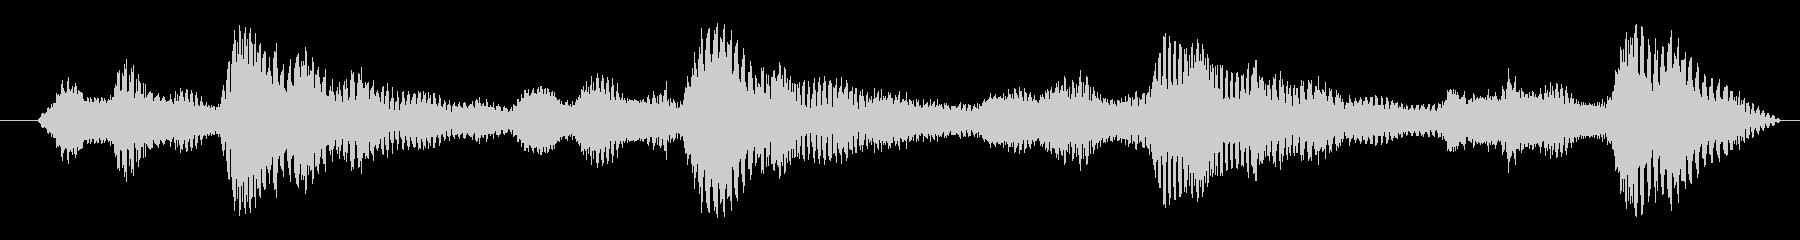 フィクション 実用性 アブストラク...の未再生の波形